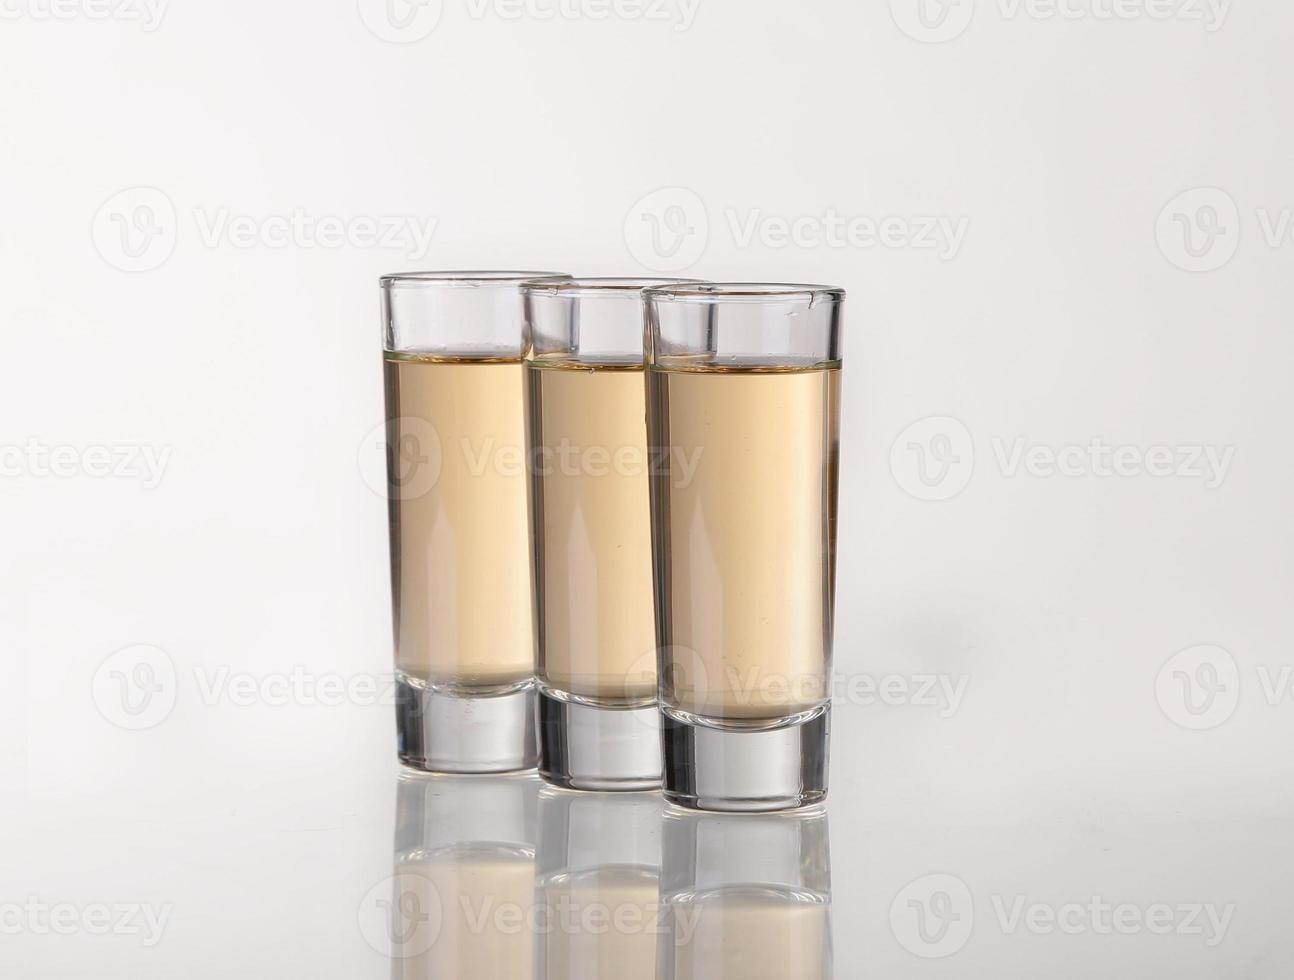 drie gouden tequilaschoten met kalk op witte achtergrond foto